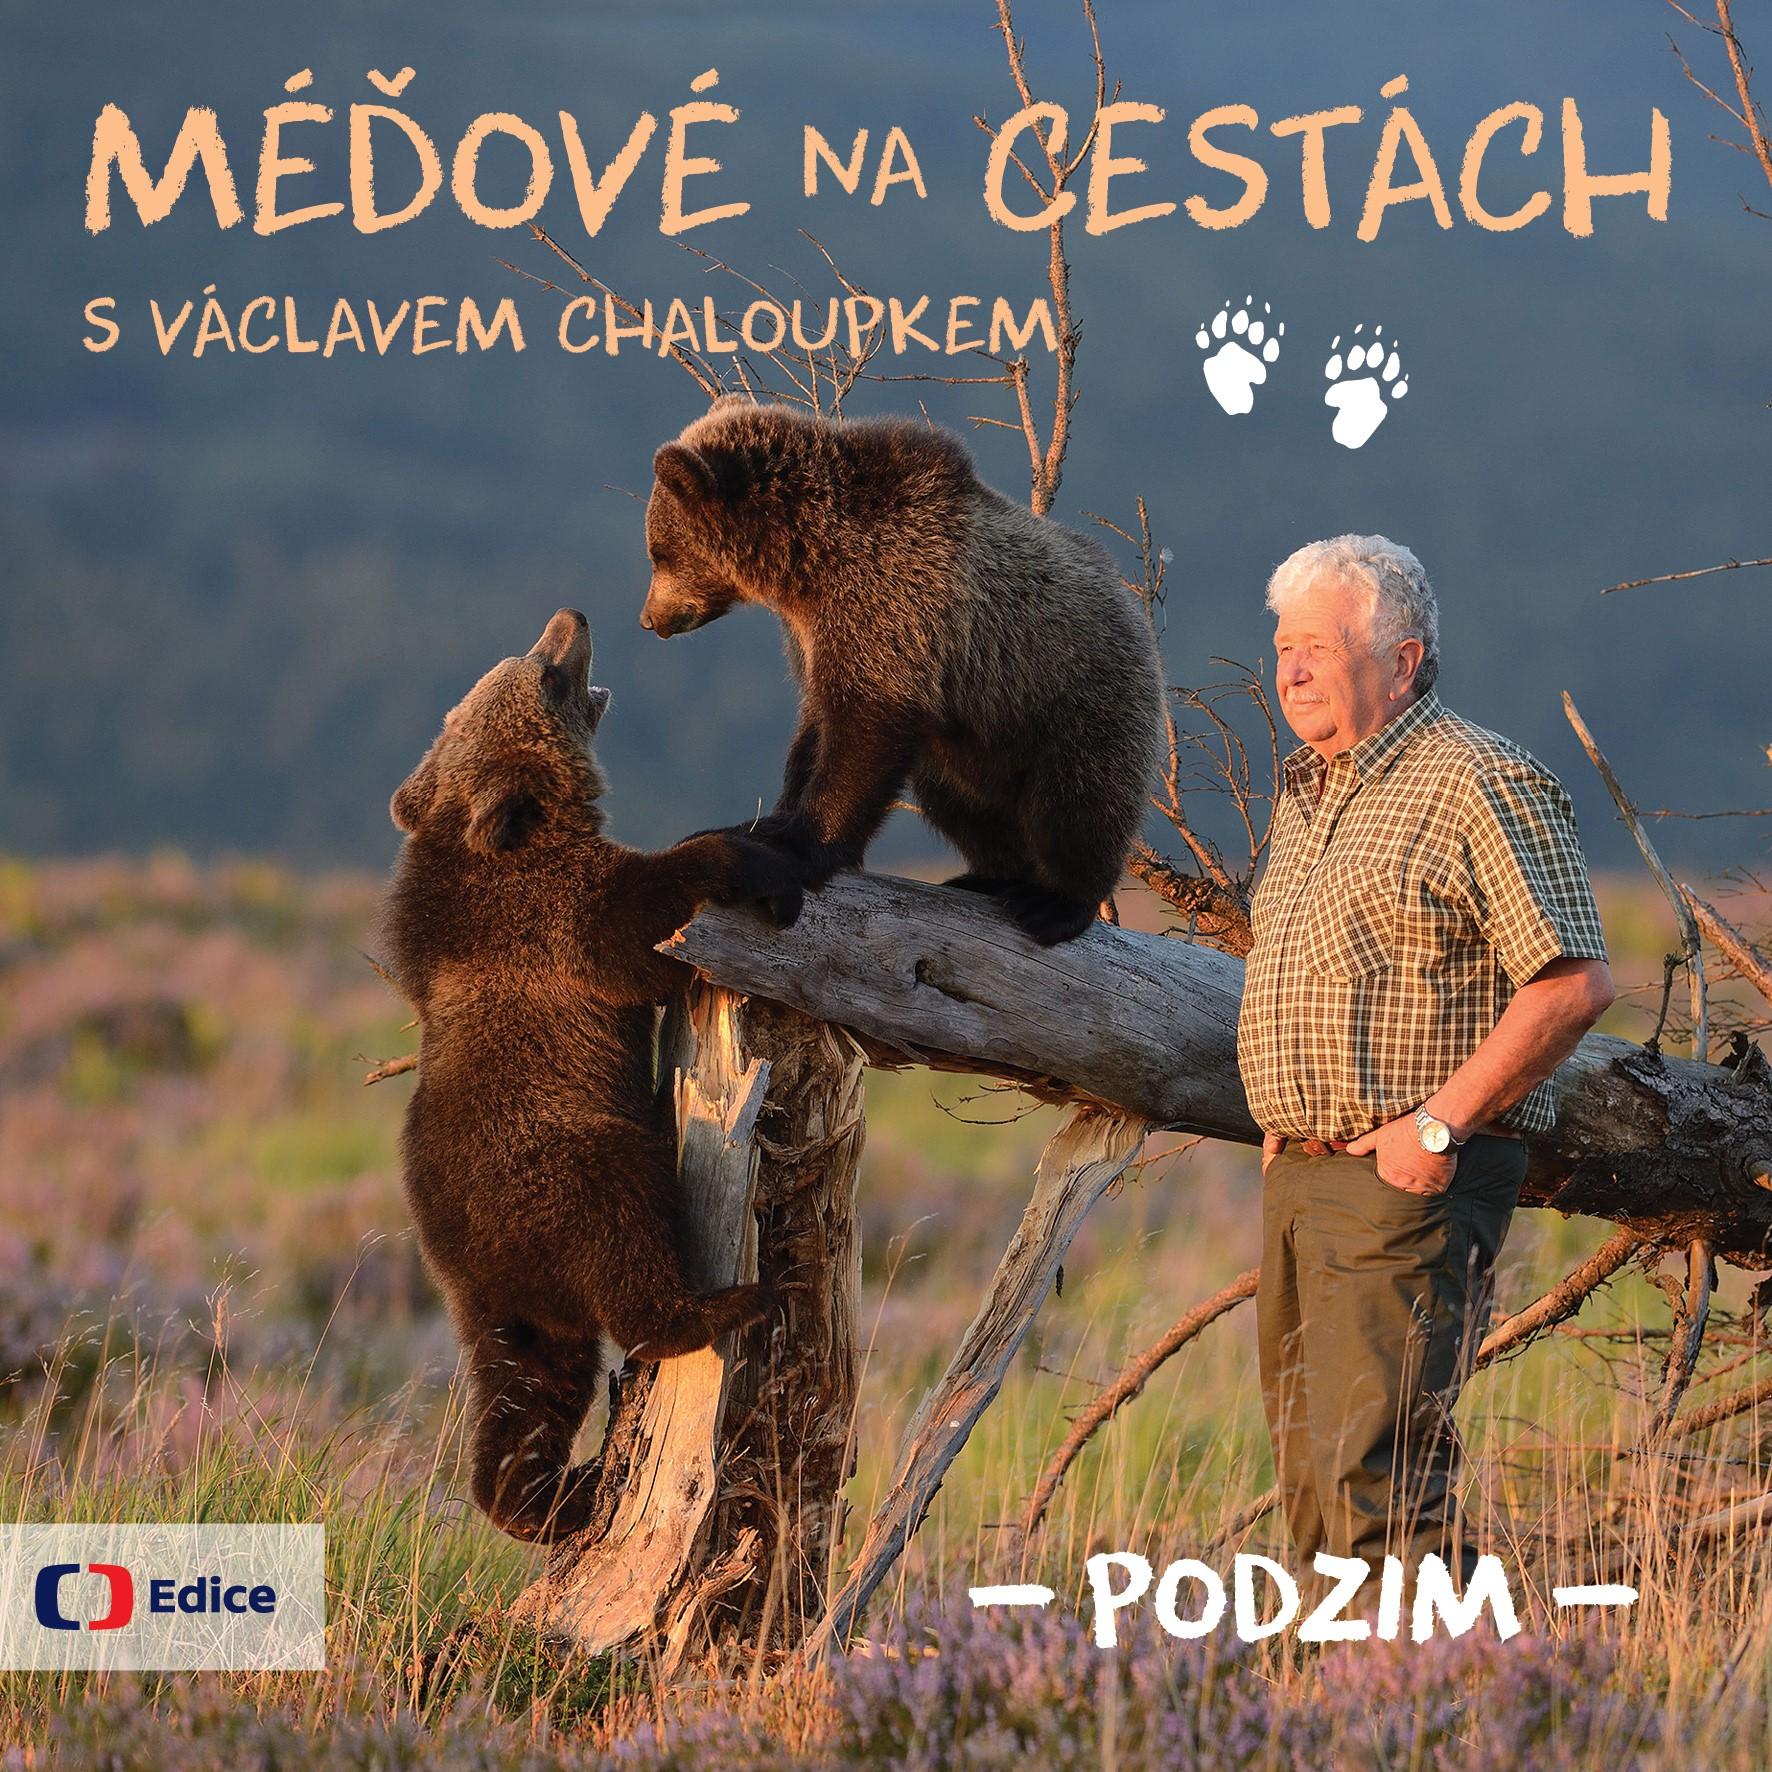 Méďové na cestách PODZIM | Václav Chaloupek